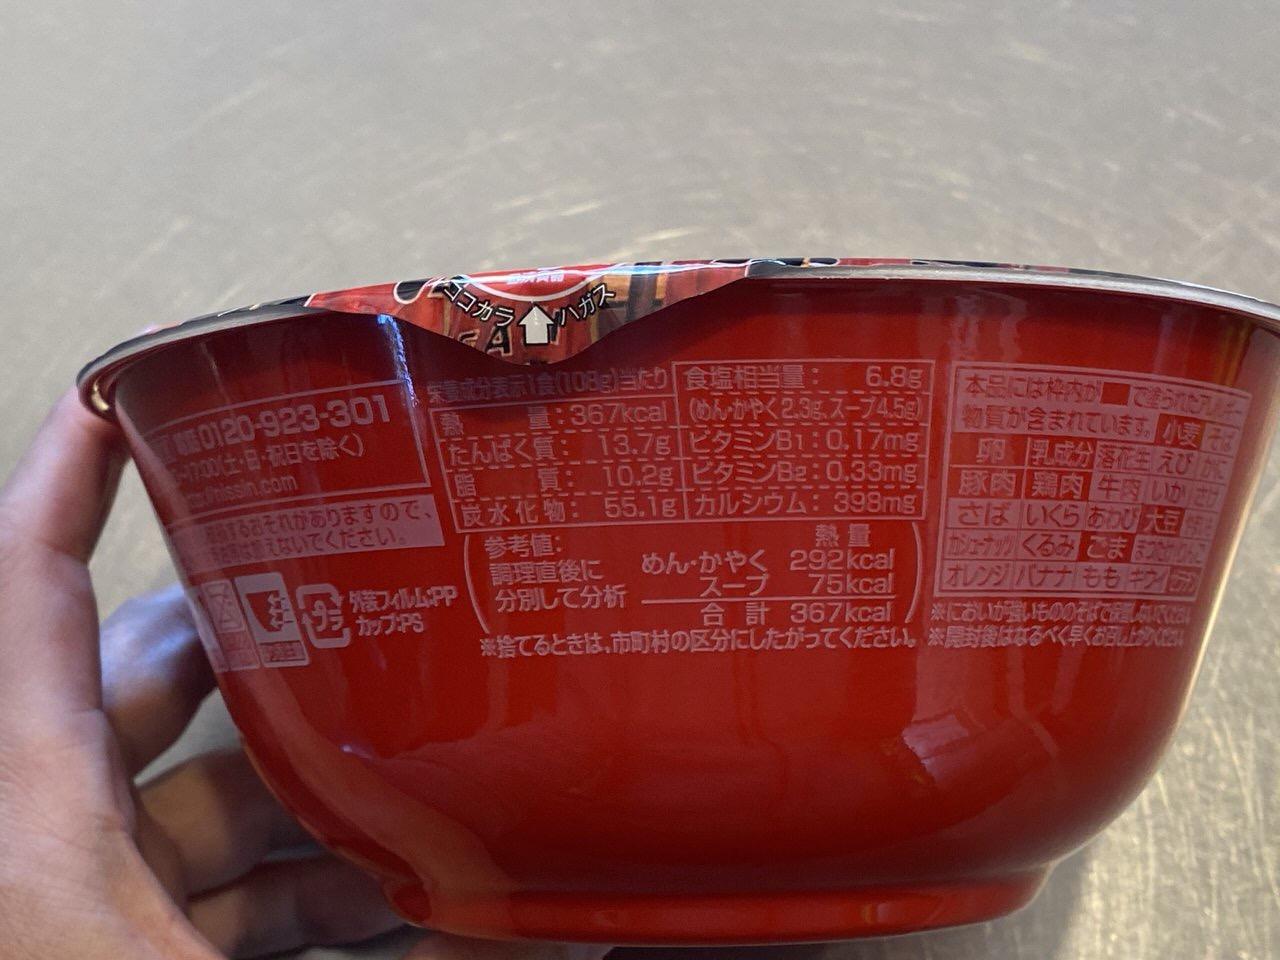 カップ麺「長浜屋台やまちゃん」8